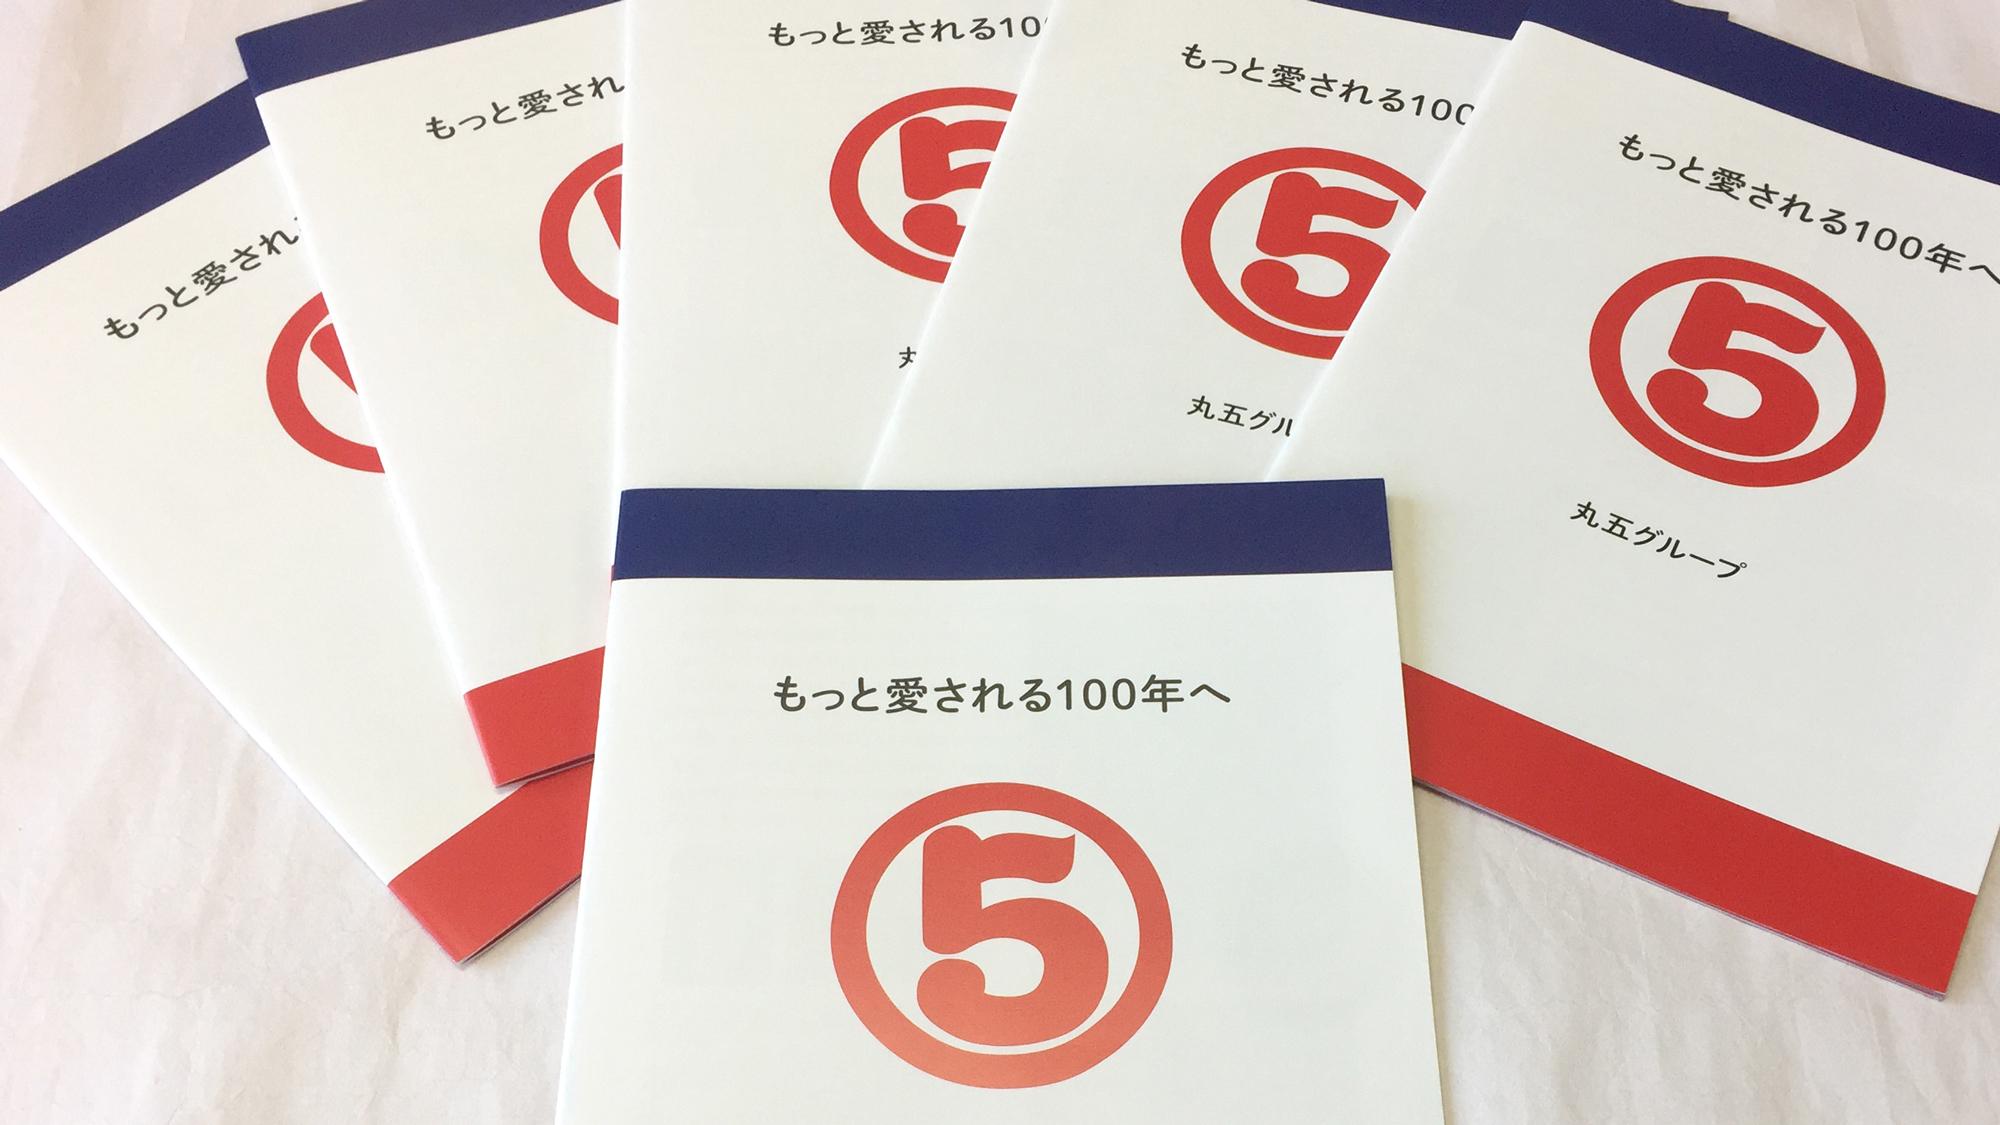 丸五グループ100周年記念冊子が完成